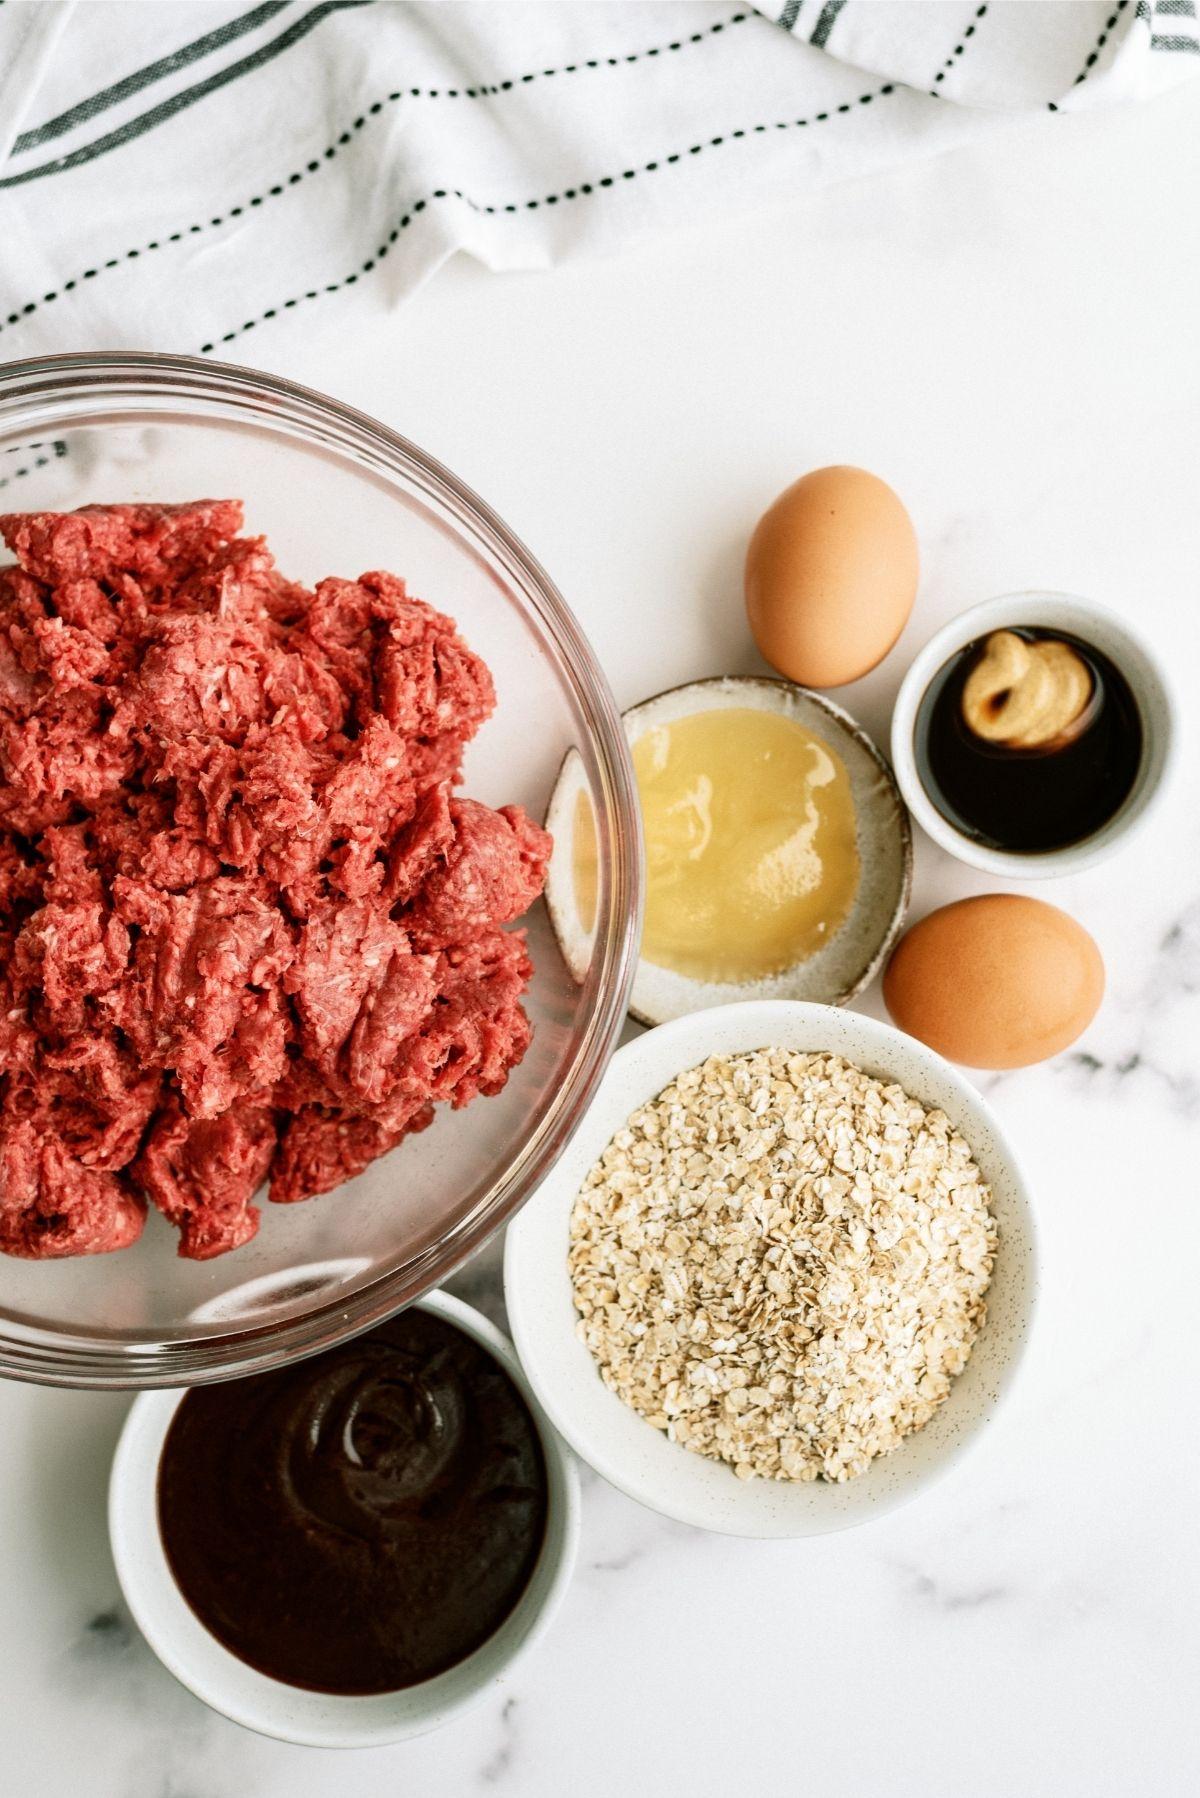 Ingredients for Honey BBQ Meatloaf